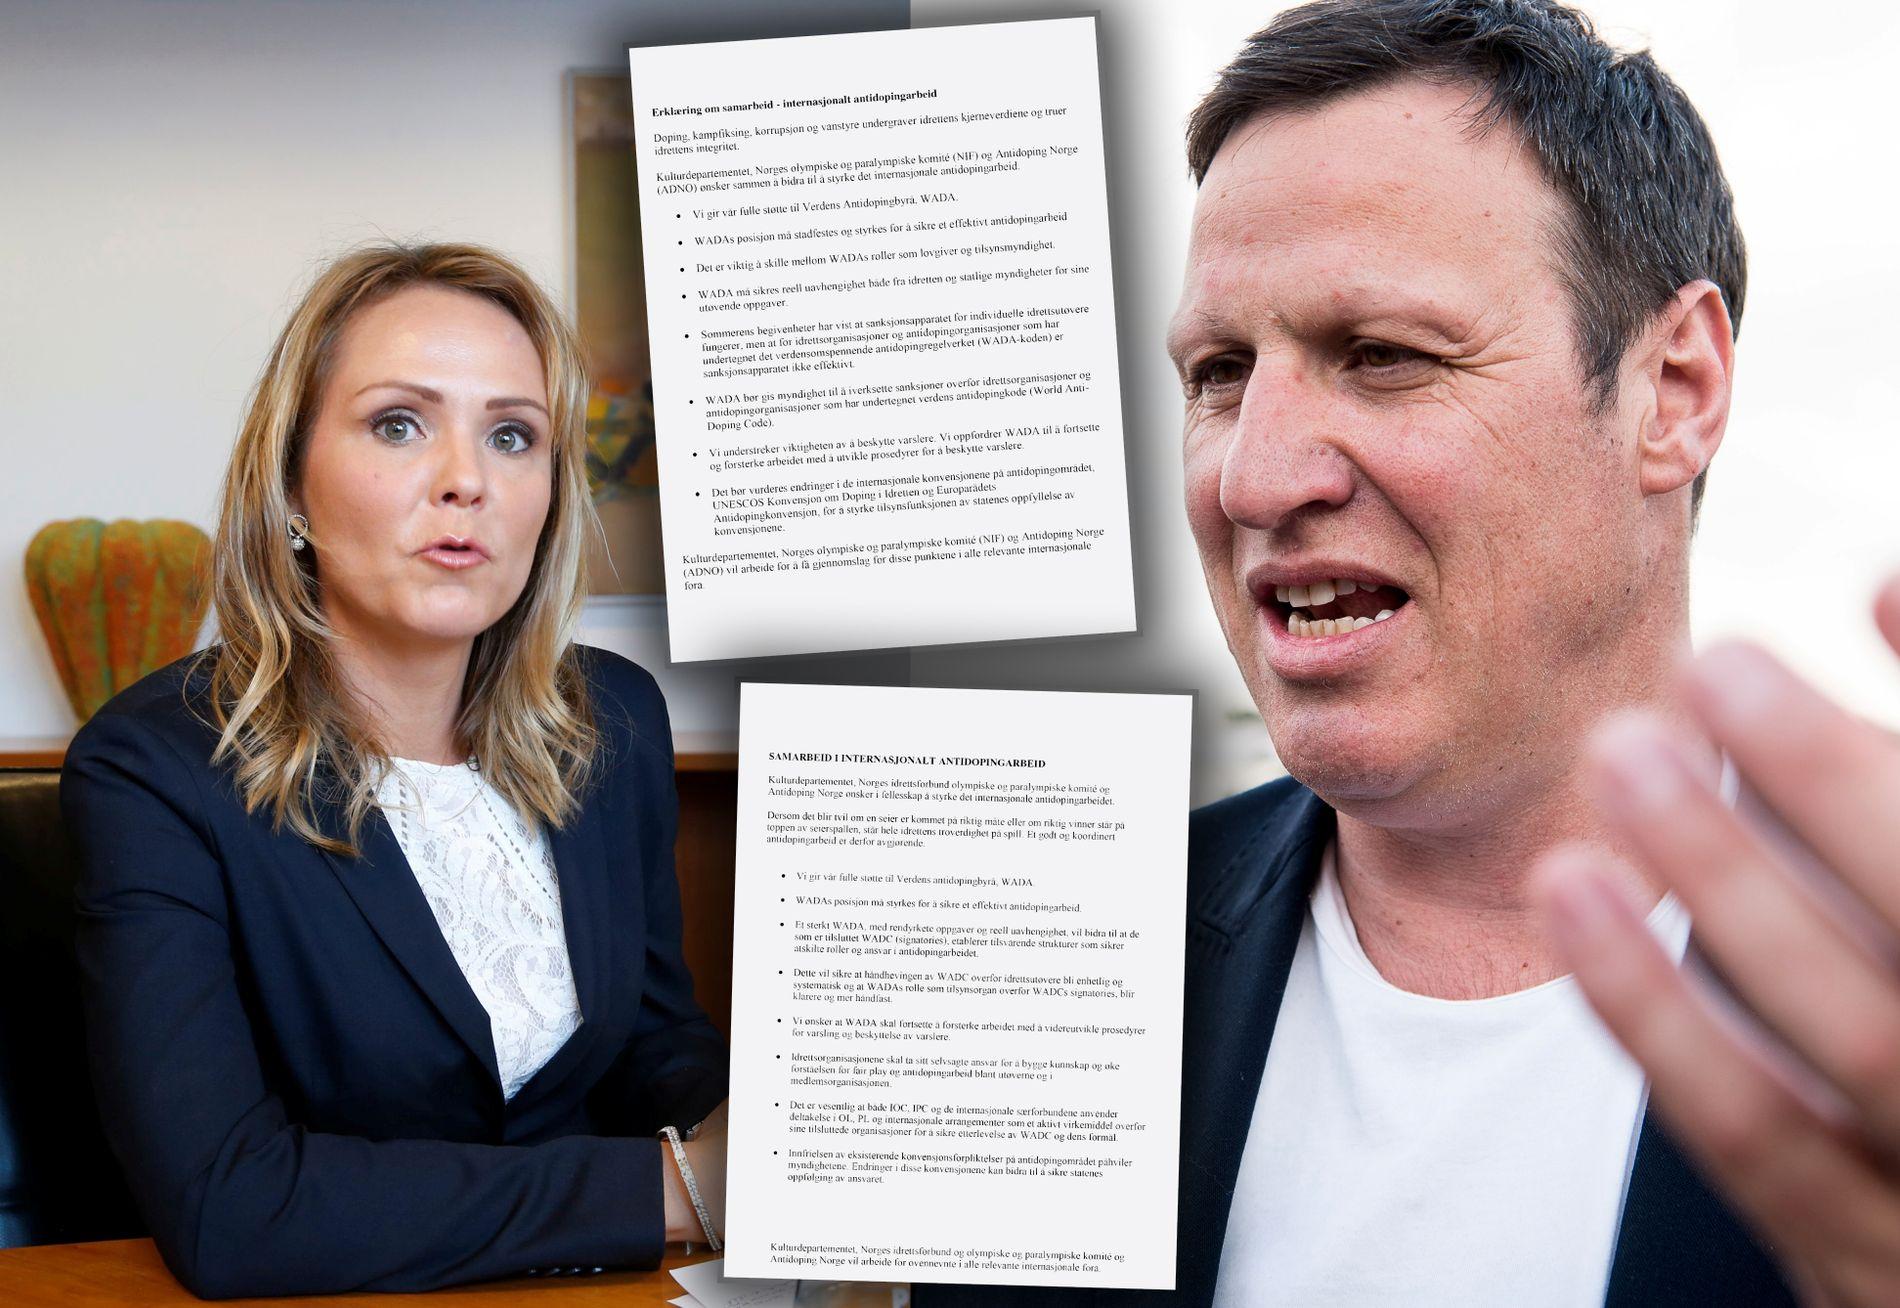 KALD KRIG: Kulturminister Linda Hofstad Helleland og idrettspresident Tom Tvedt er uenige etter dopingoppropet som har vært diskutert den siste måneden.